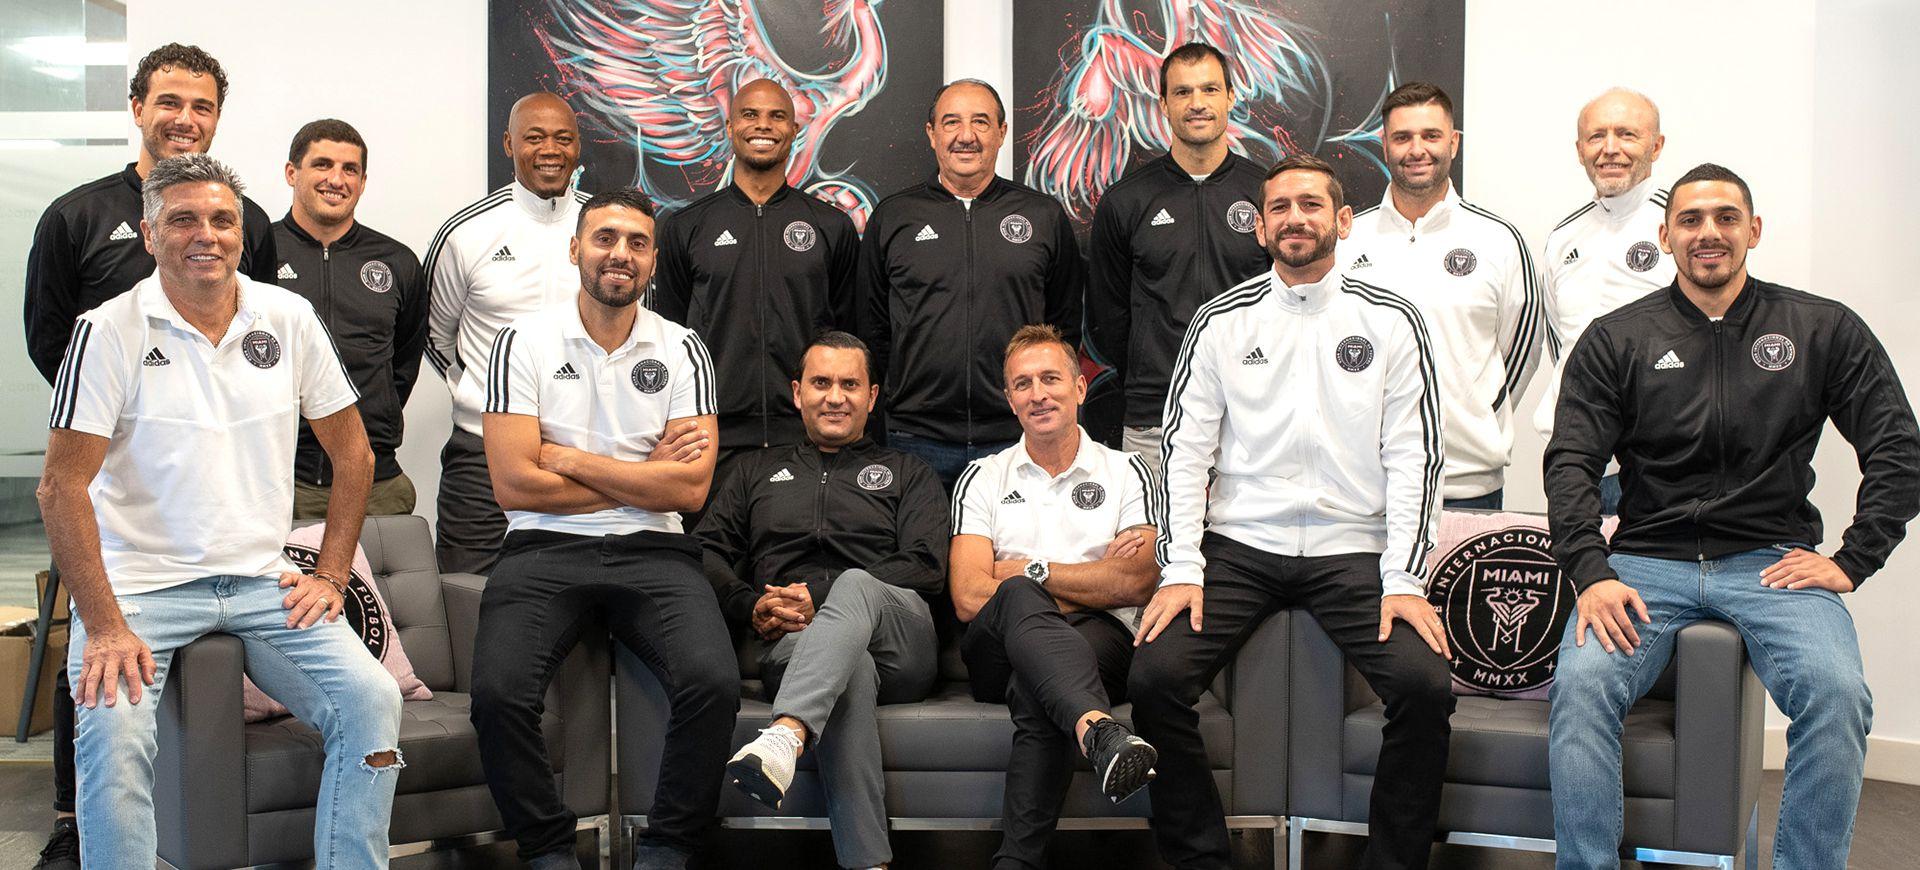 El argentino Javier Morales es el entrenador de la Sub 17 del Inter Miami (intermiamicf.com)